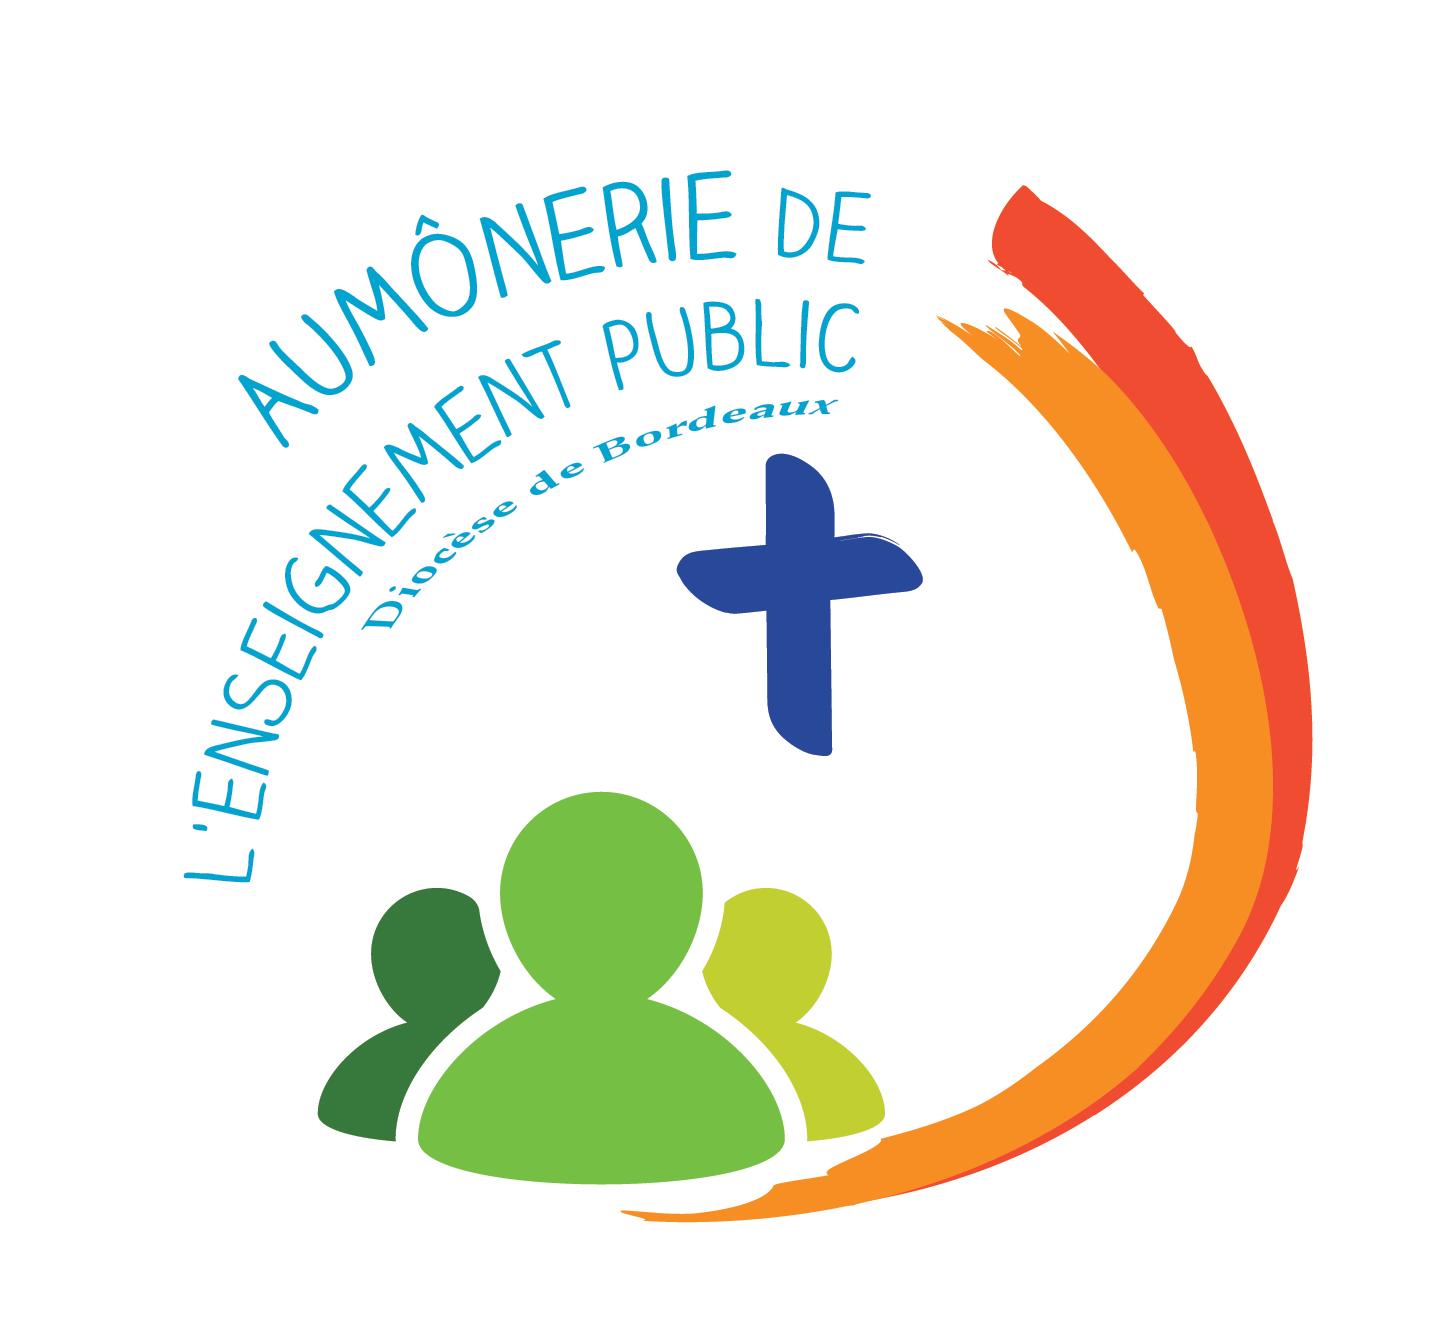 Aumonerie de l'Enseignement Public de Bordeaux